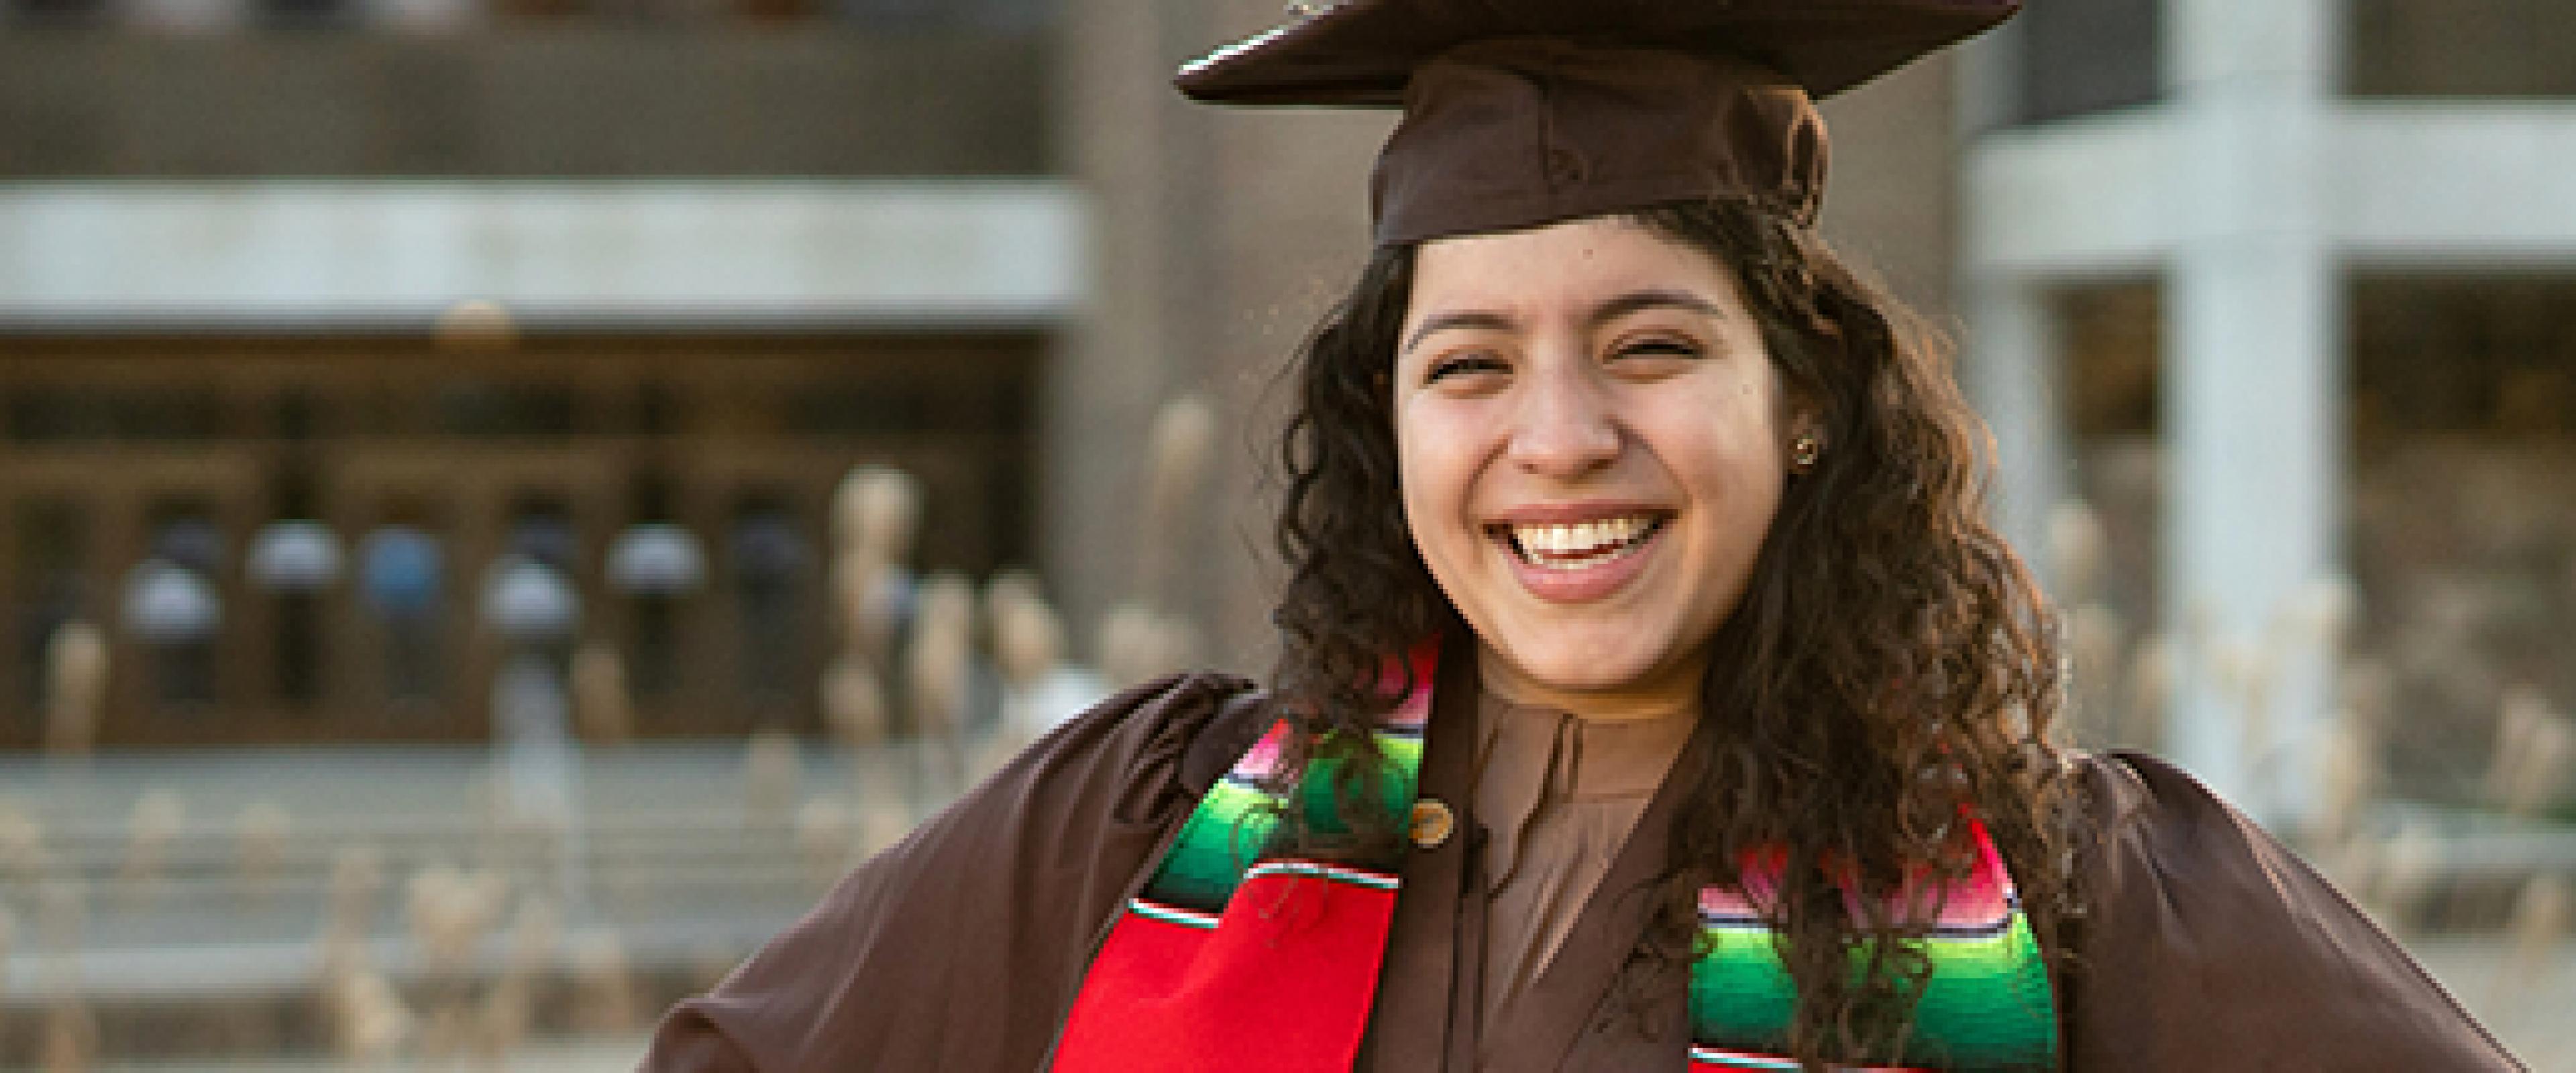 WMU Graduate posing for the camera